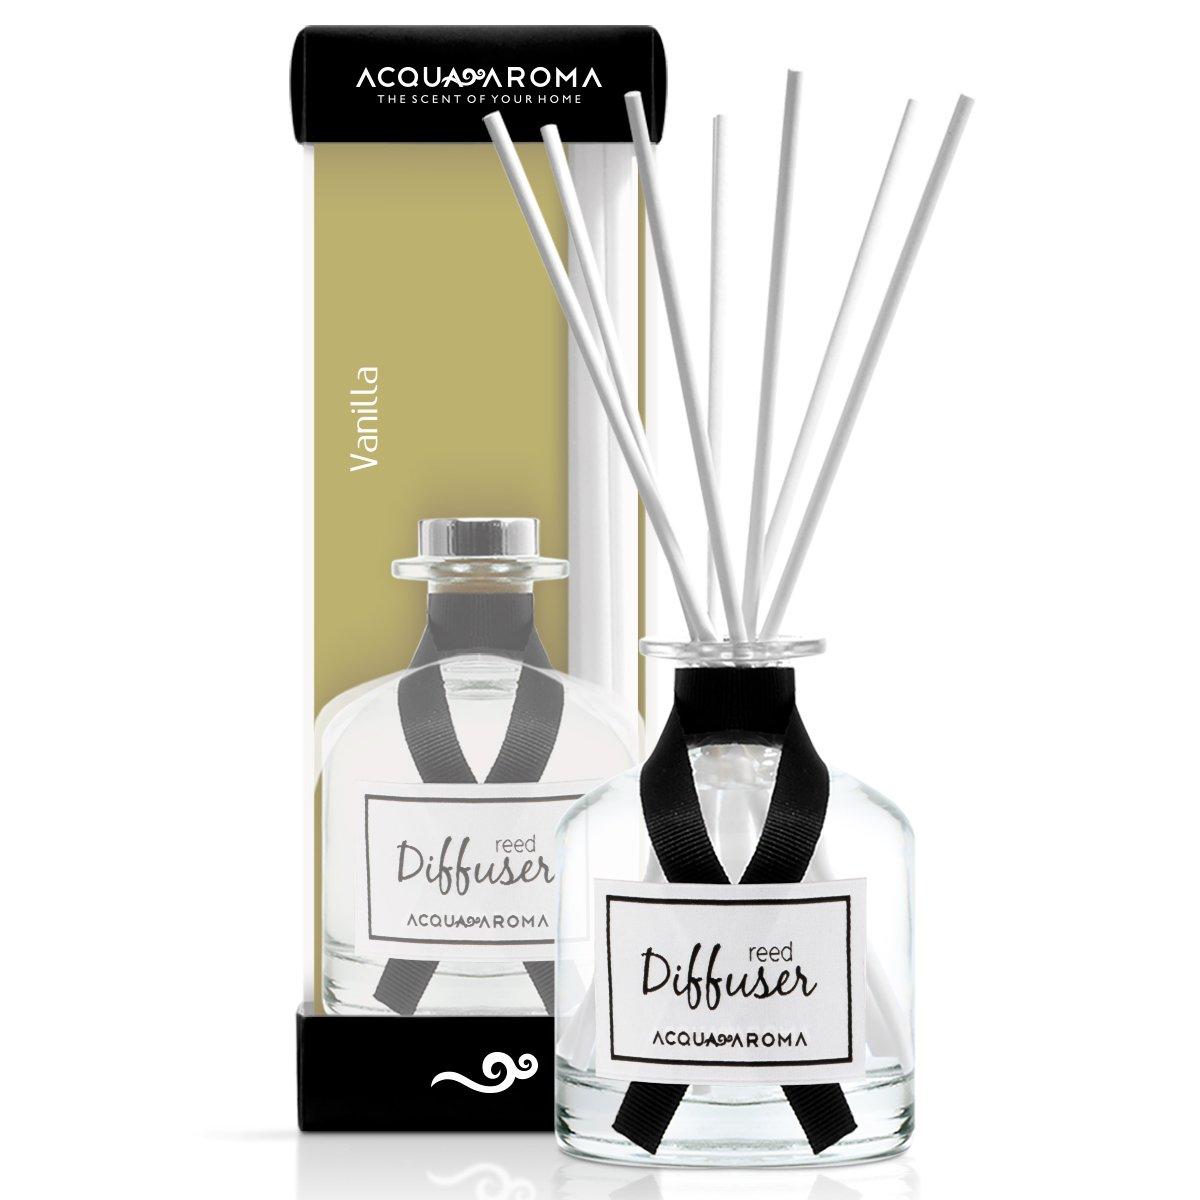 Acqua Aroma Everyday Collection Vanilla Reed Diffuser 8.1 FL OZ (240ml)